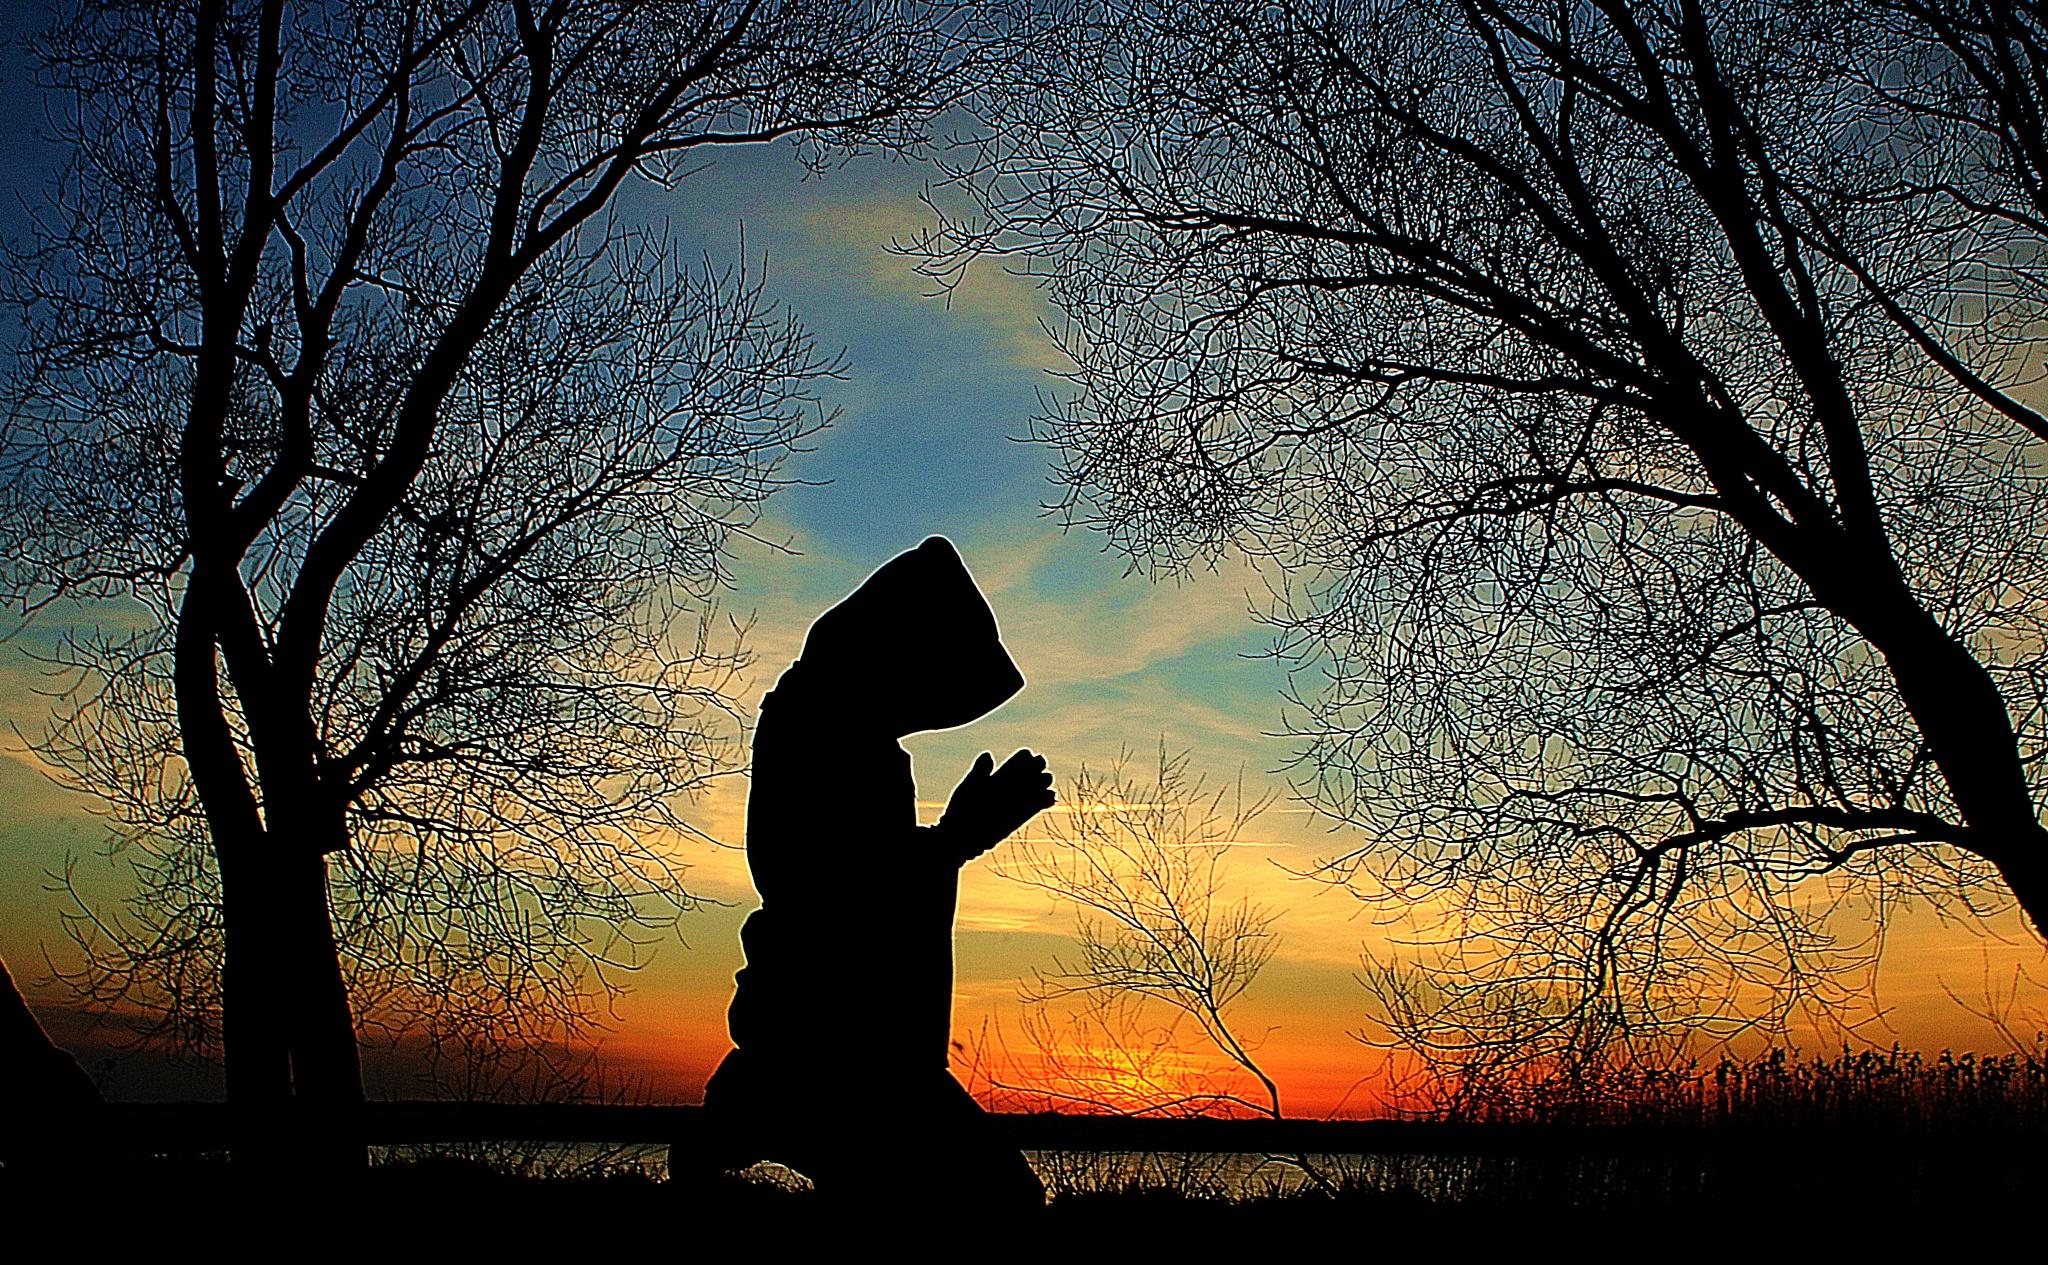 prayer by JAKOKTO PAUKAS